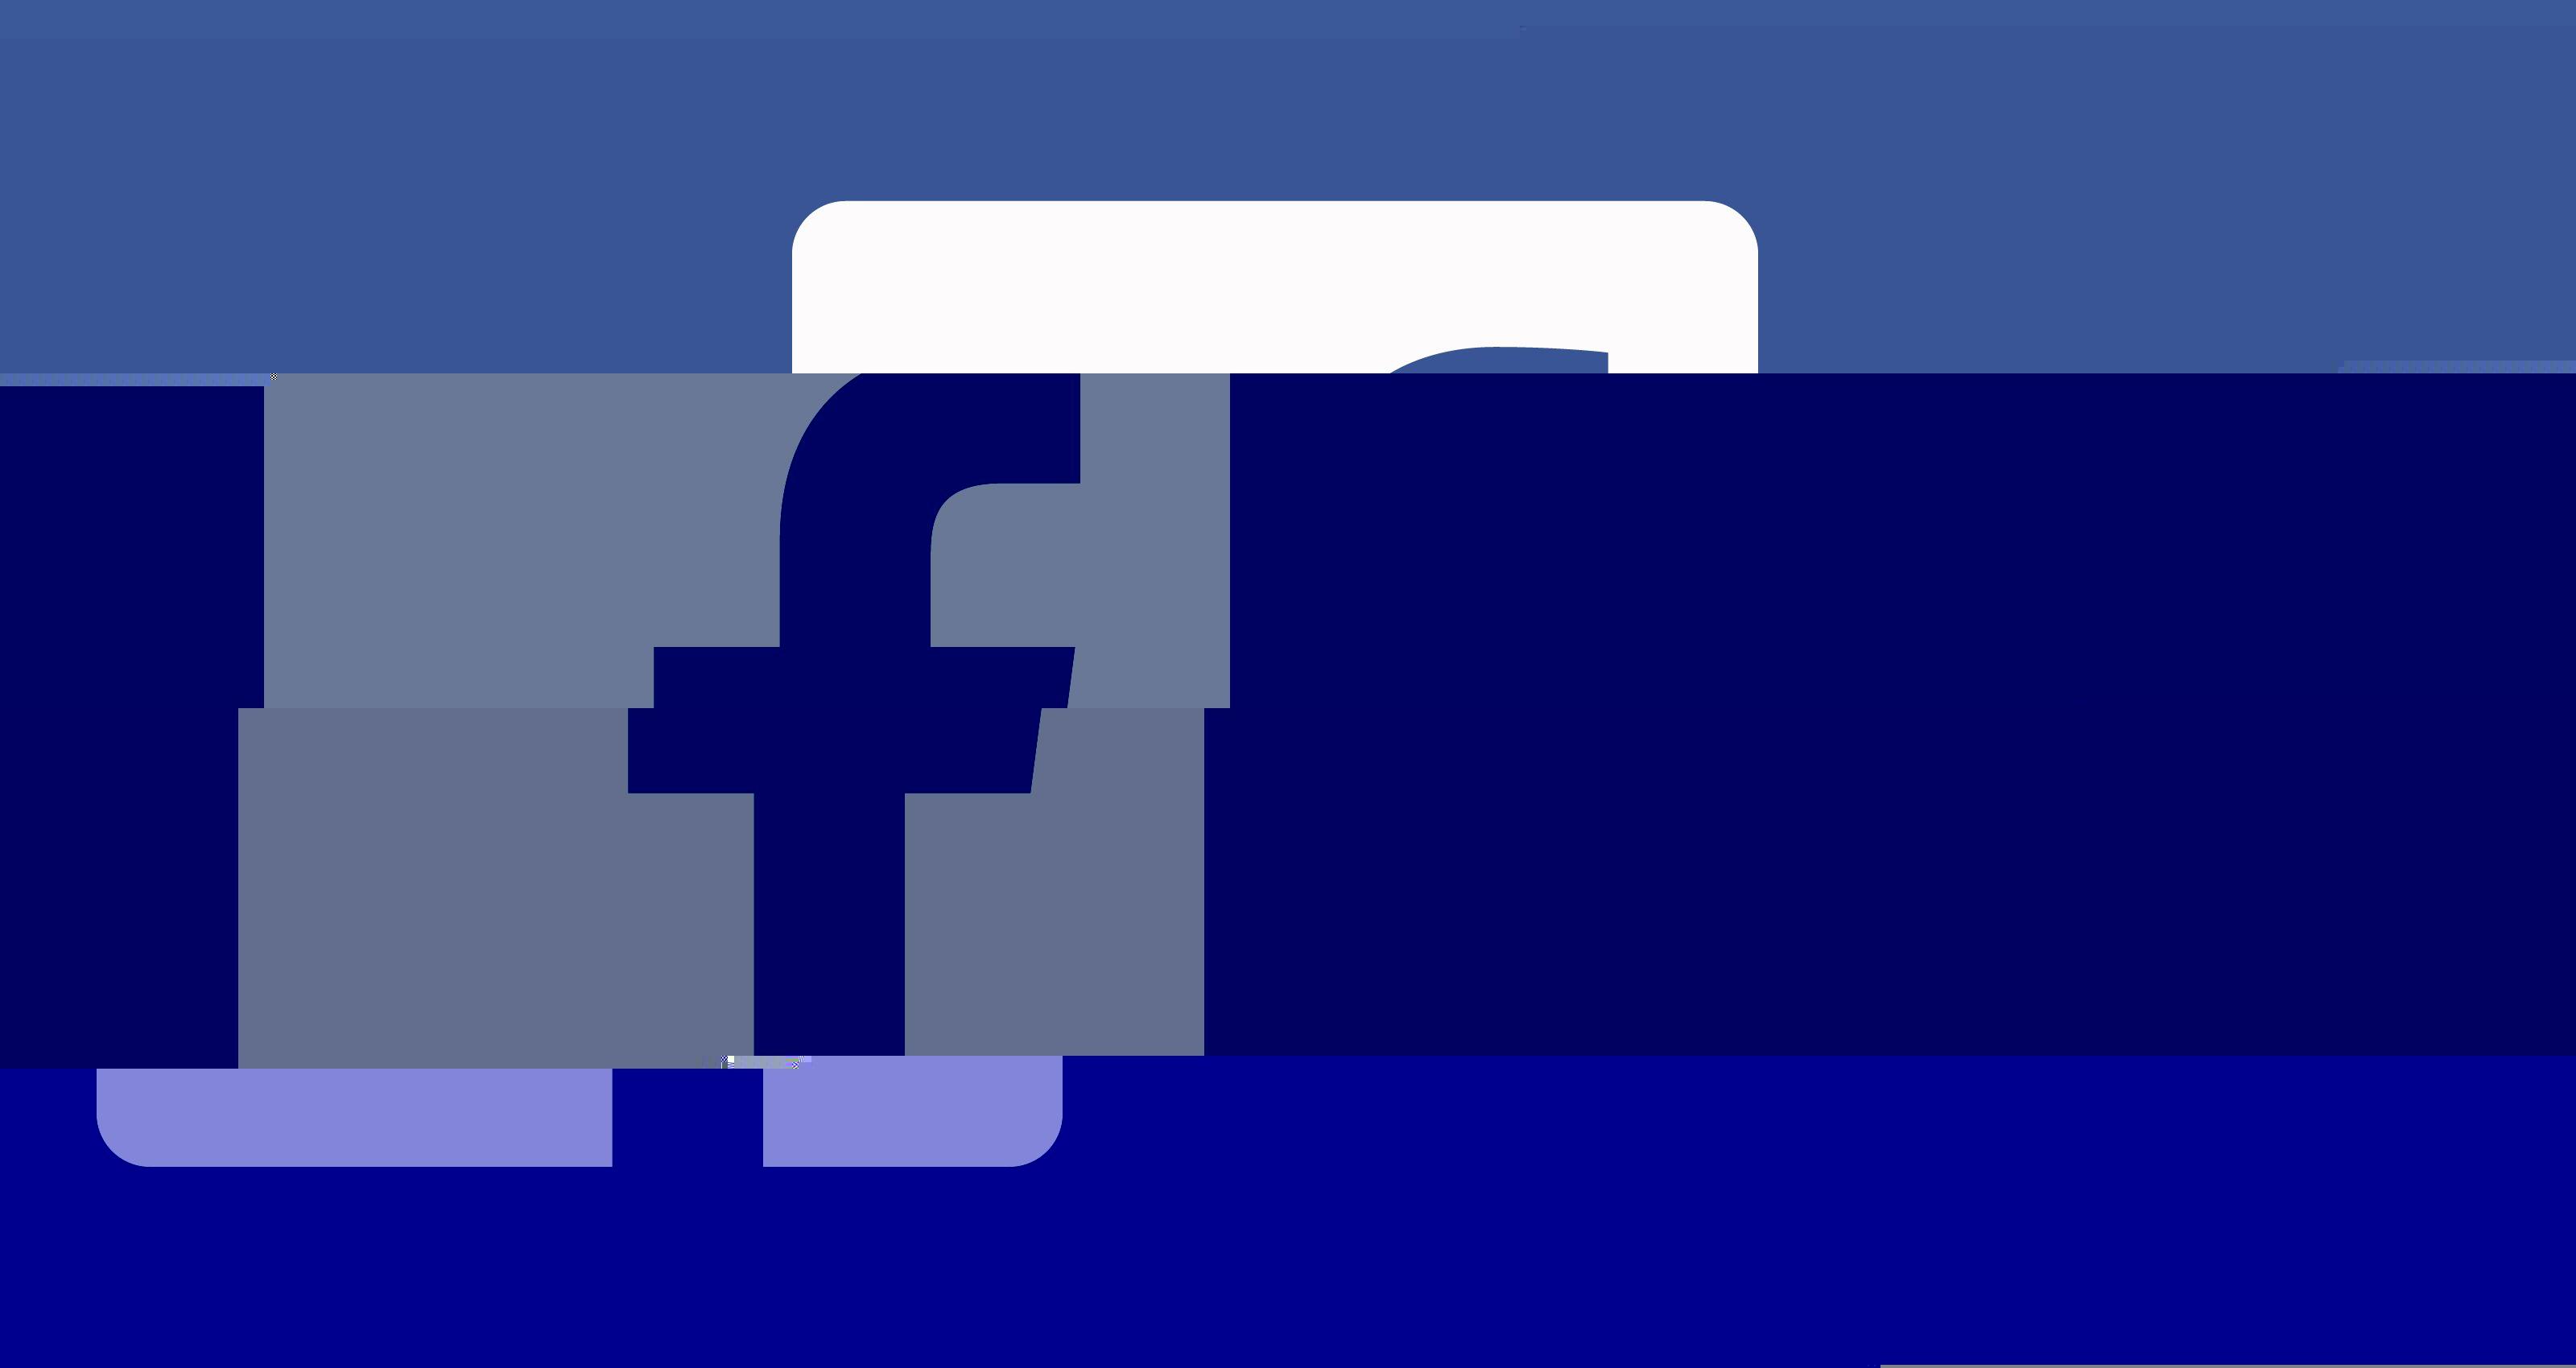 Жители крупных городов Украины уходят с Facebook - исследование